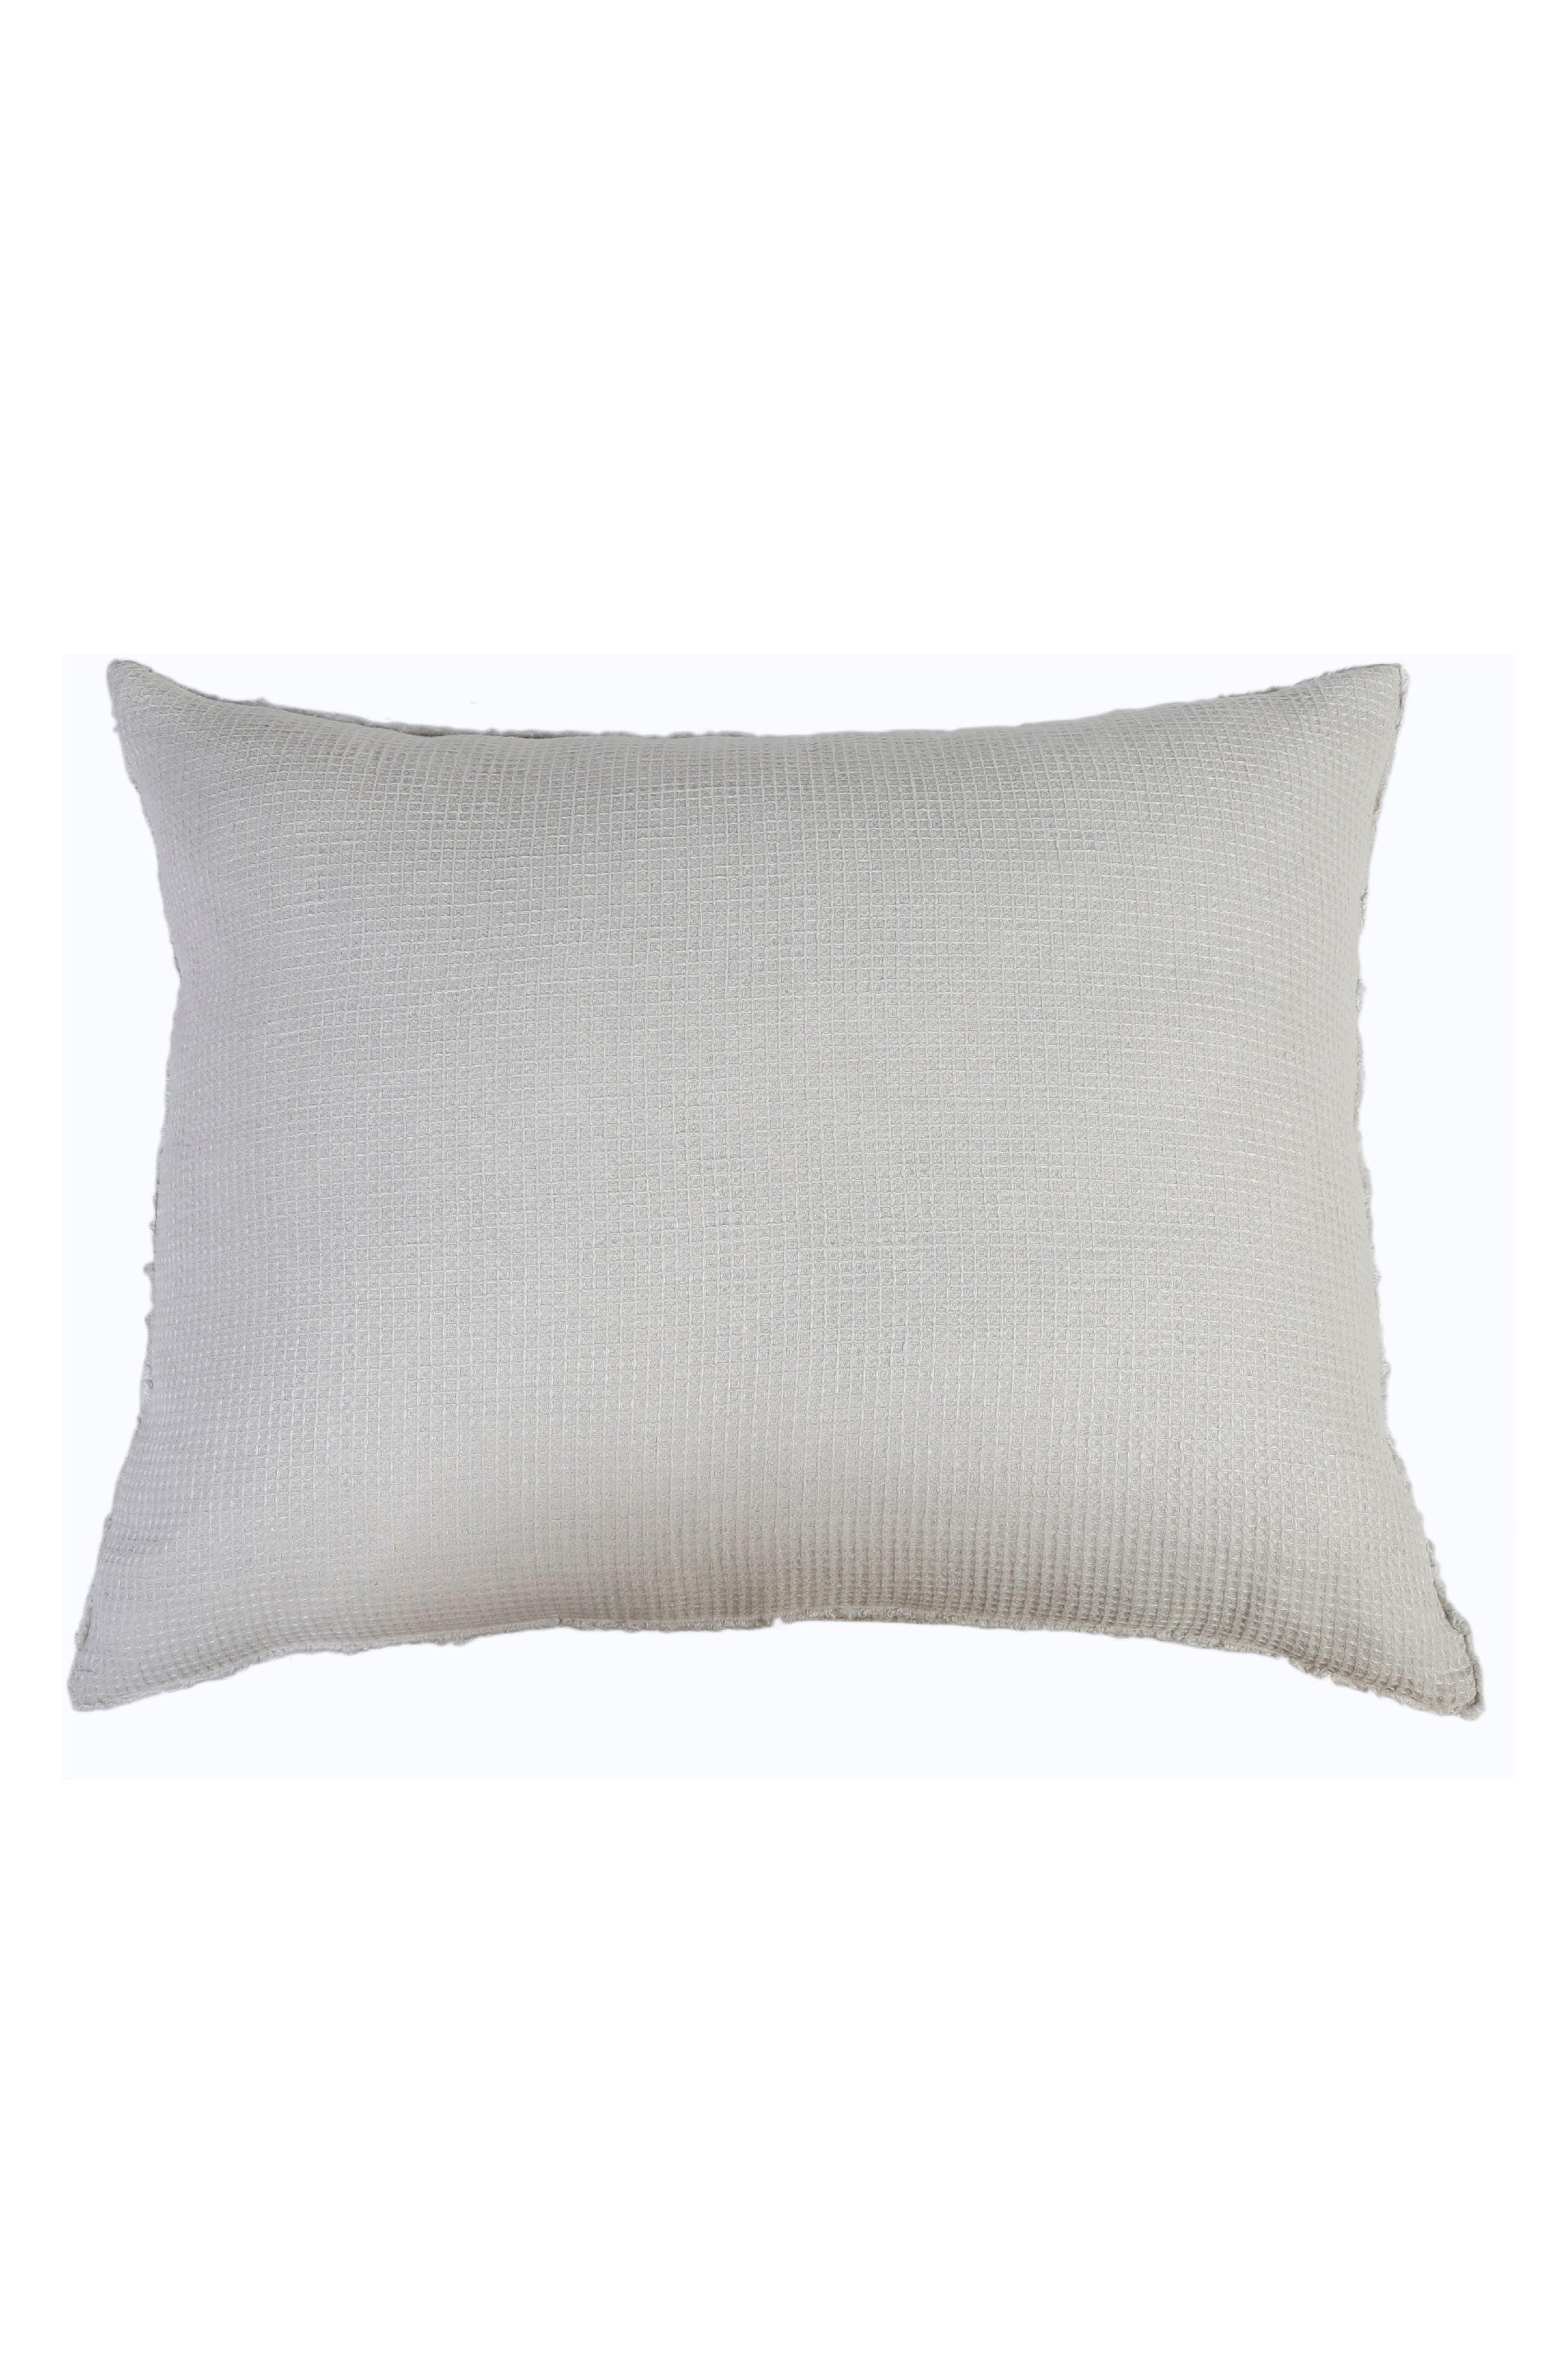 Venice Accent Pillow,                         Main,                         color, Ocean